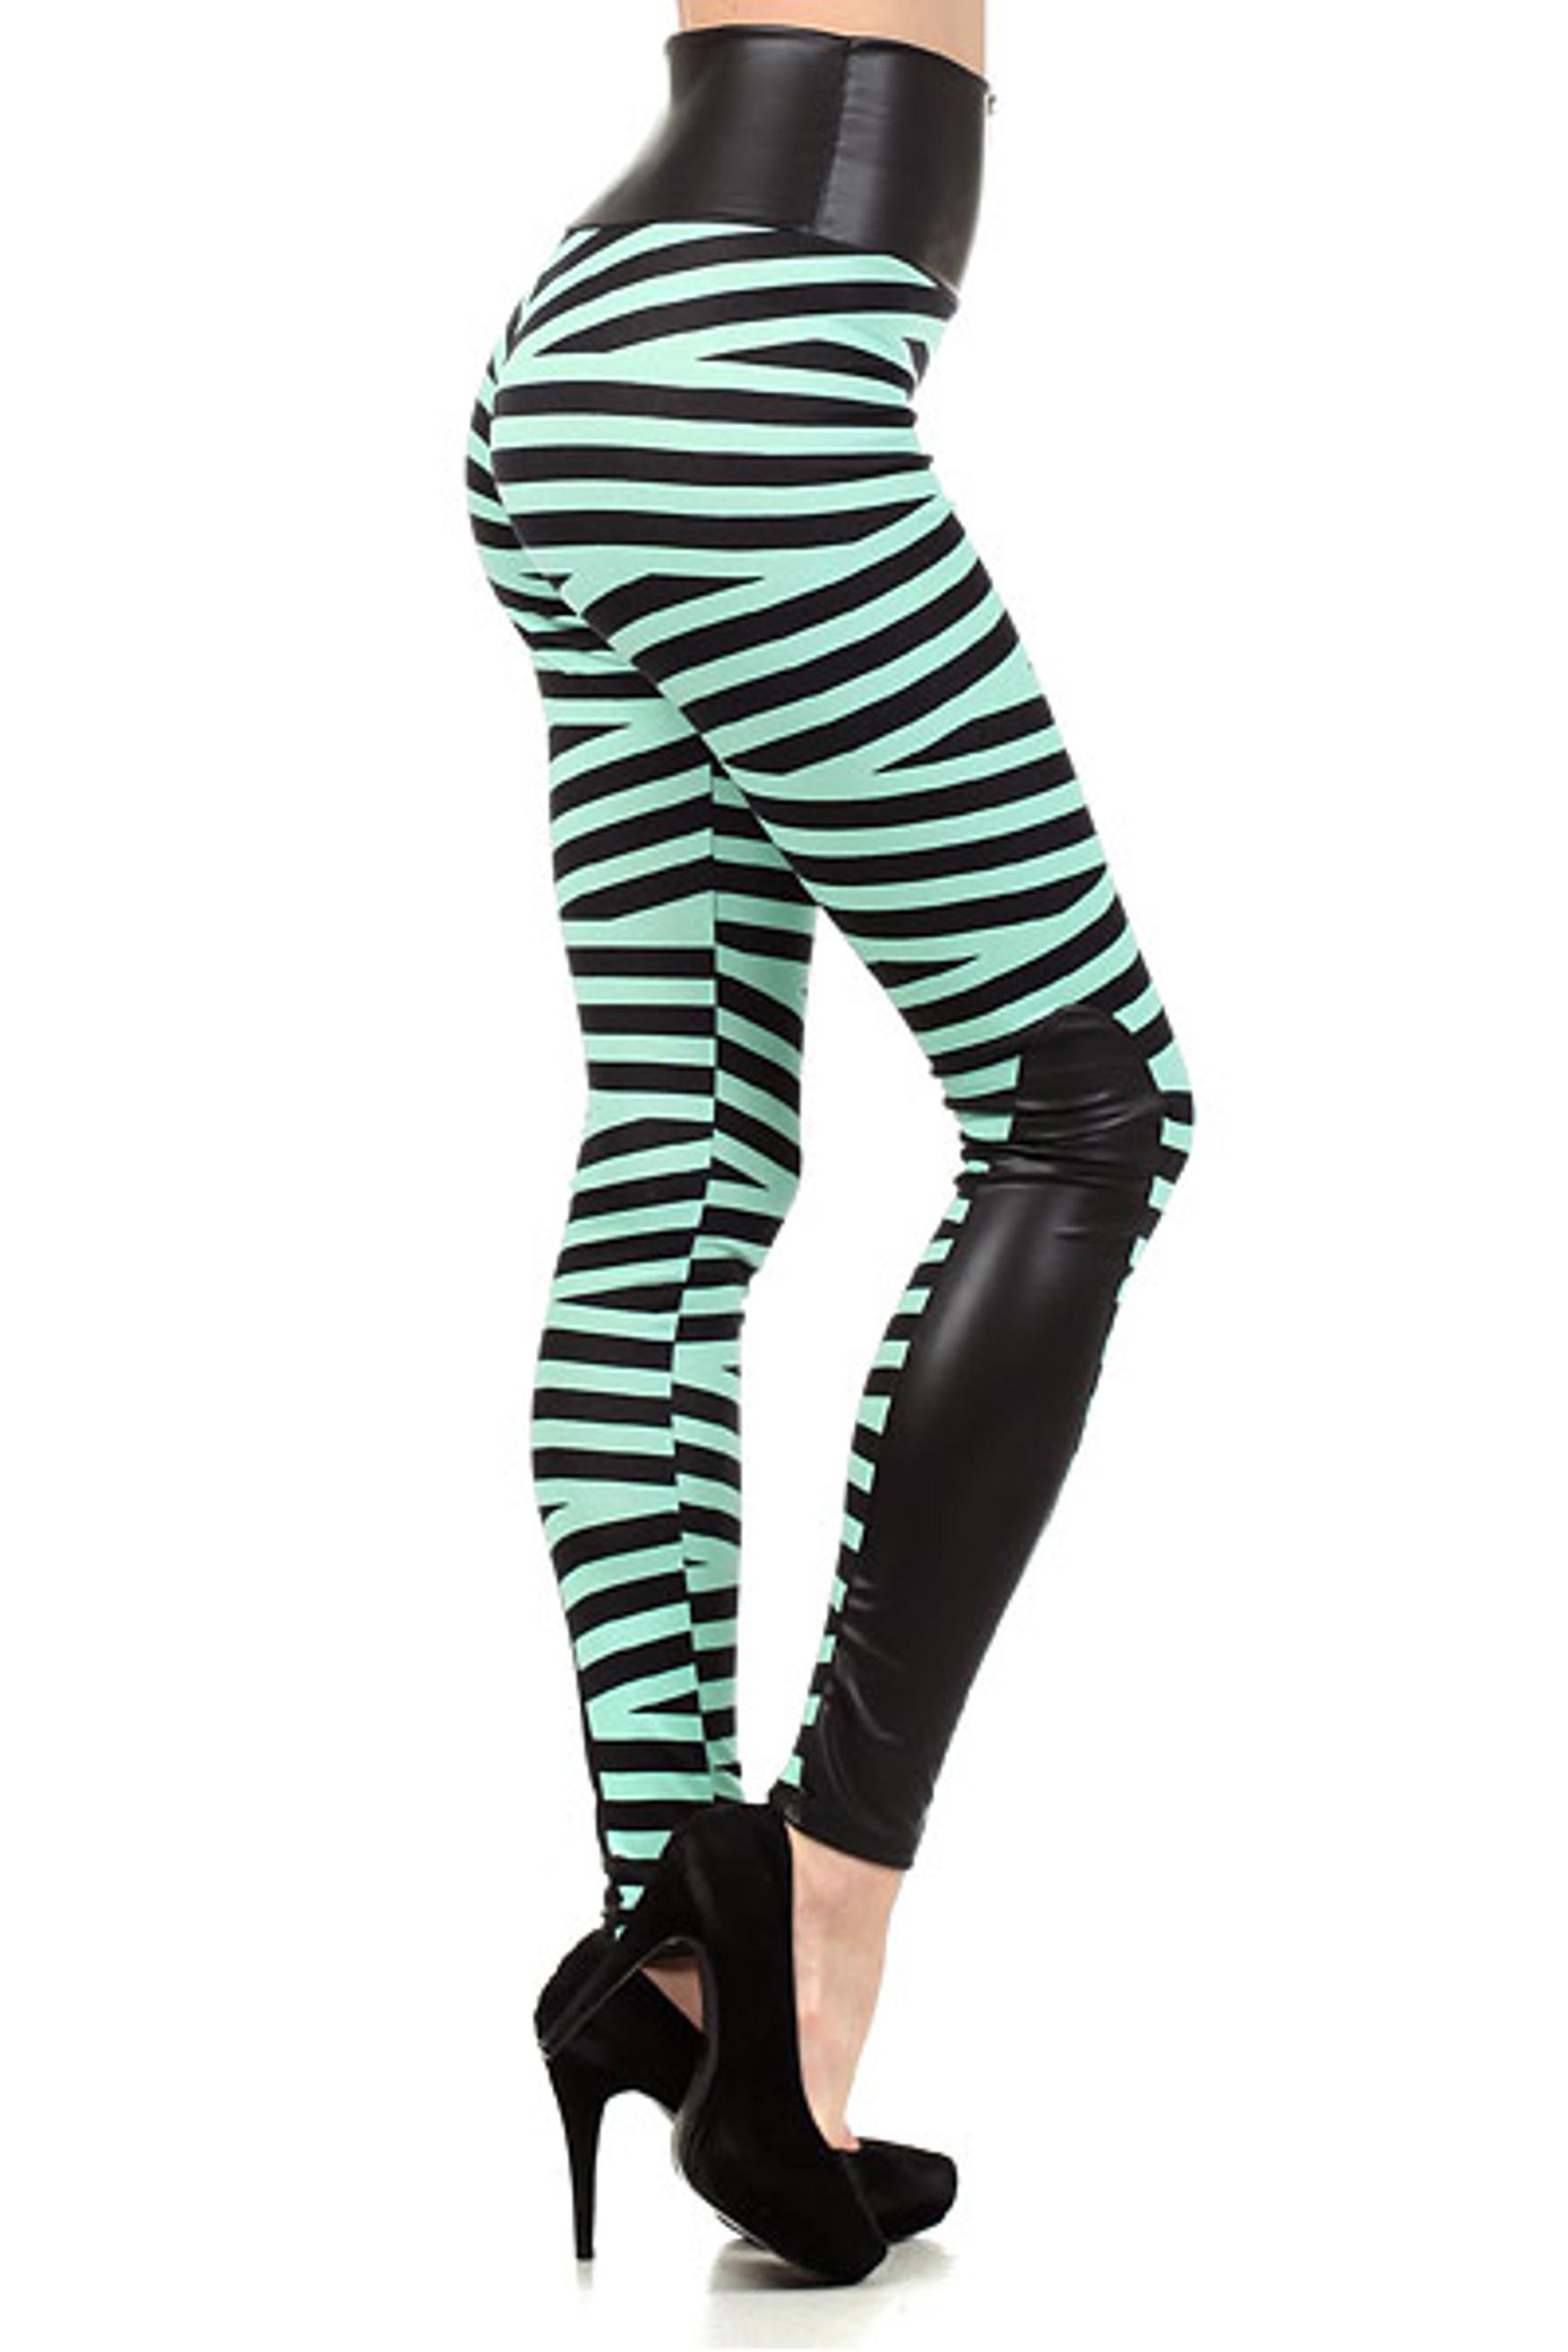 Medusa Bandeau High Waist Leggings Plus Size Mint